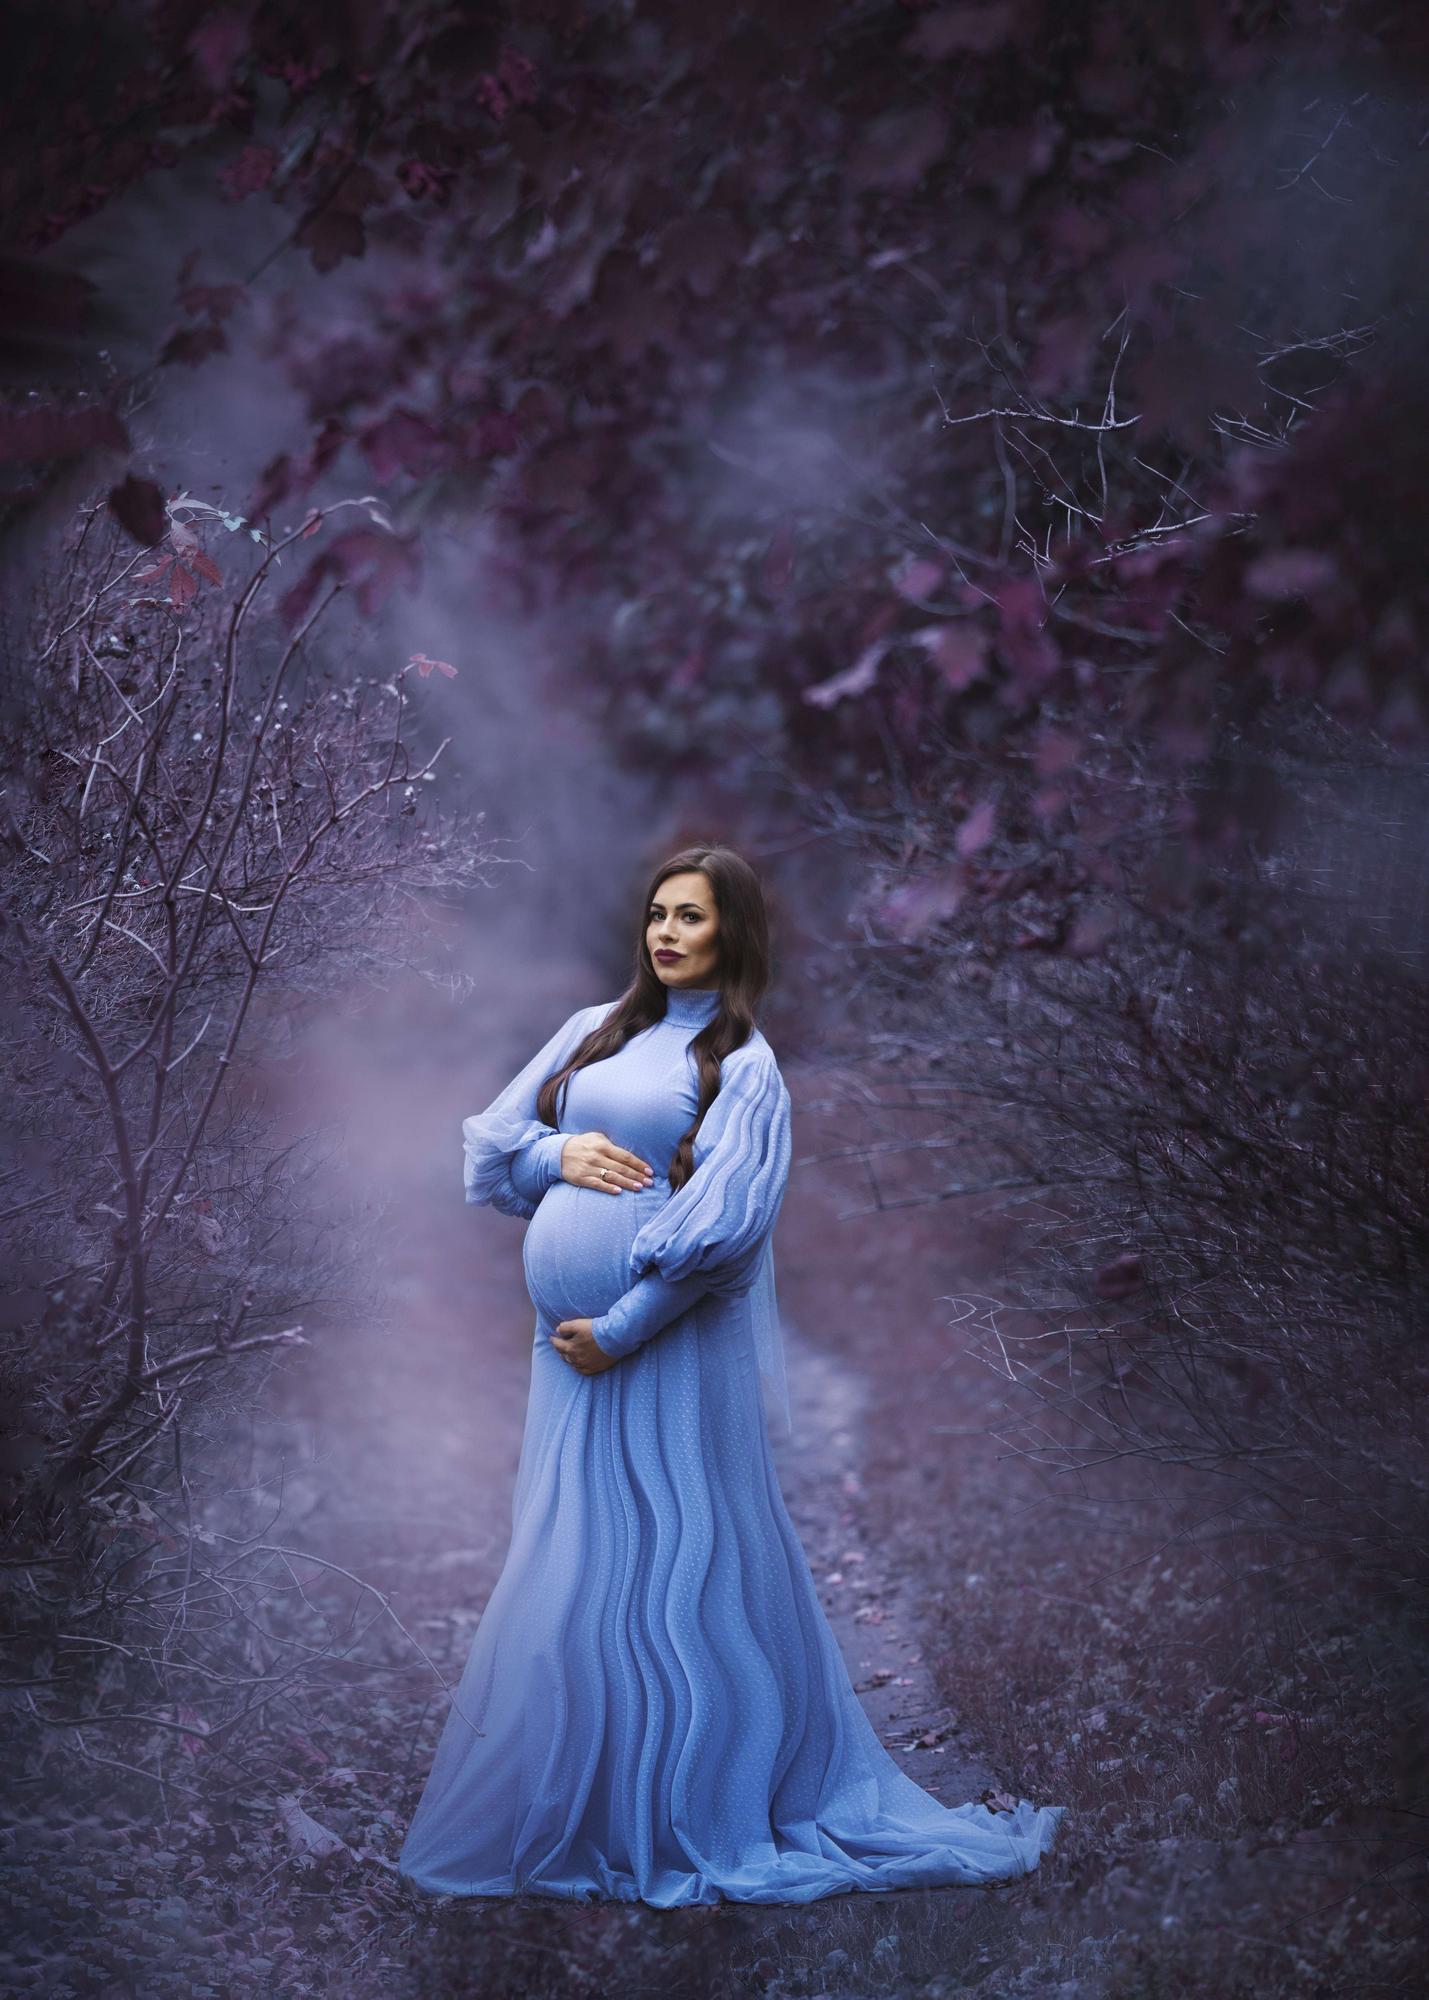 Sesja dziecięca, zdjęcia ciążowe, martwa natura i ujęcie ilustracyjne/symboliczne. Nauka fotografii online. 383 Kursy i 375 AFO